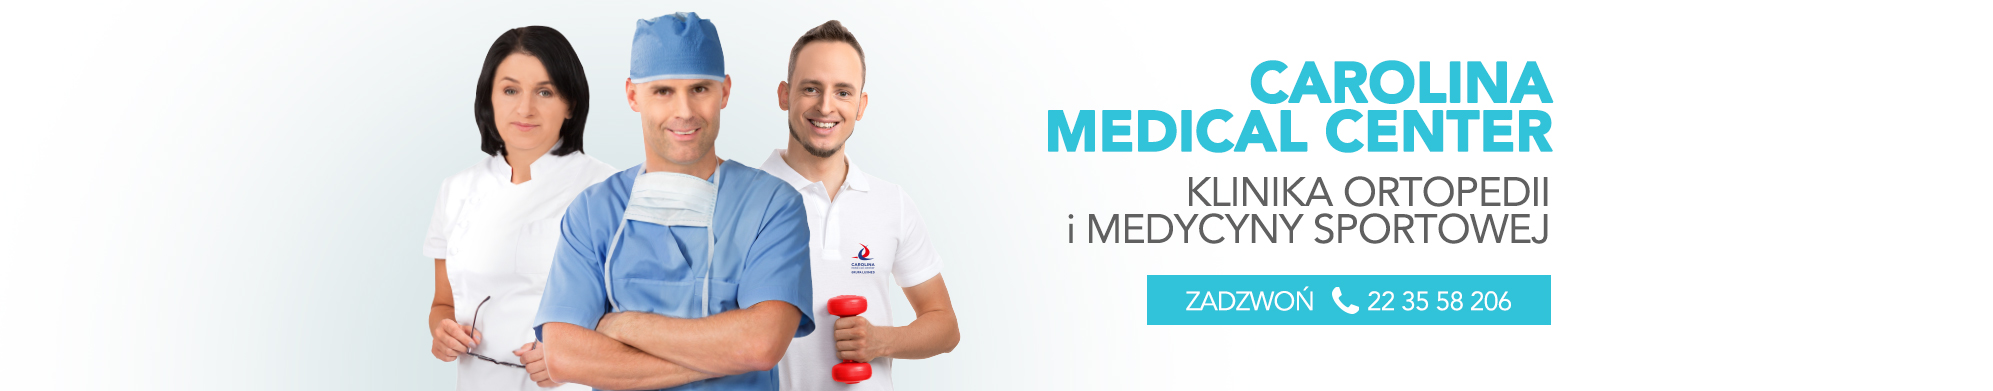 Carolina Medical Center to warszawska klinika ortopedii, chirurgii kręgosłupa, rehabilitacji i medycyny sportowej.